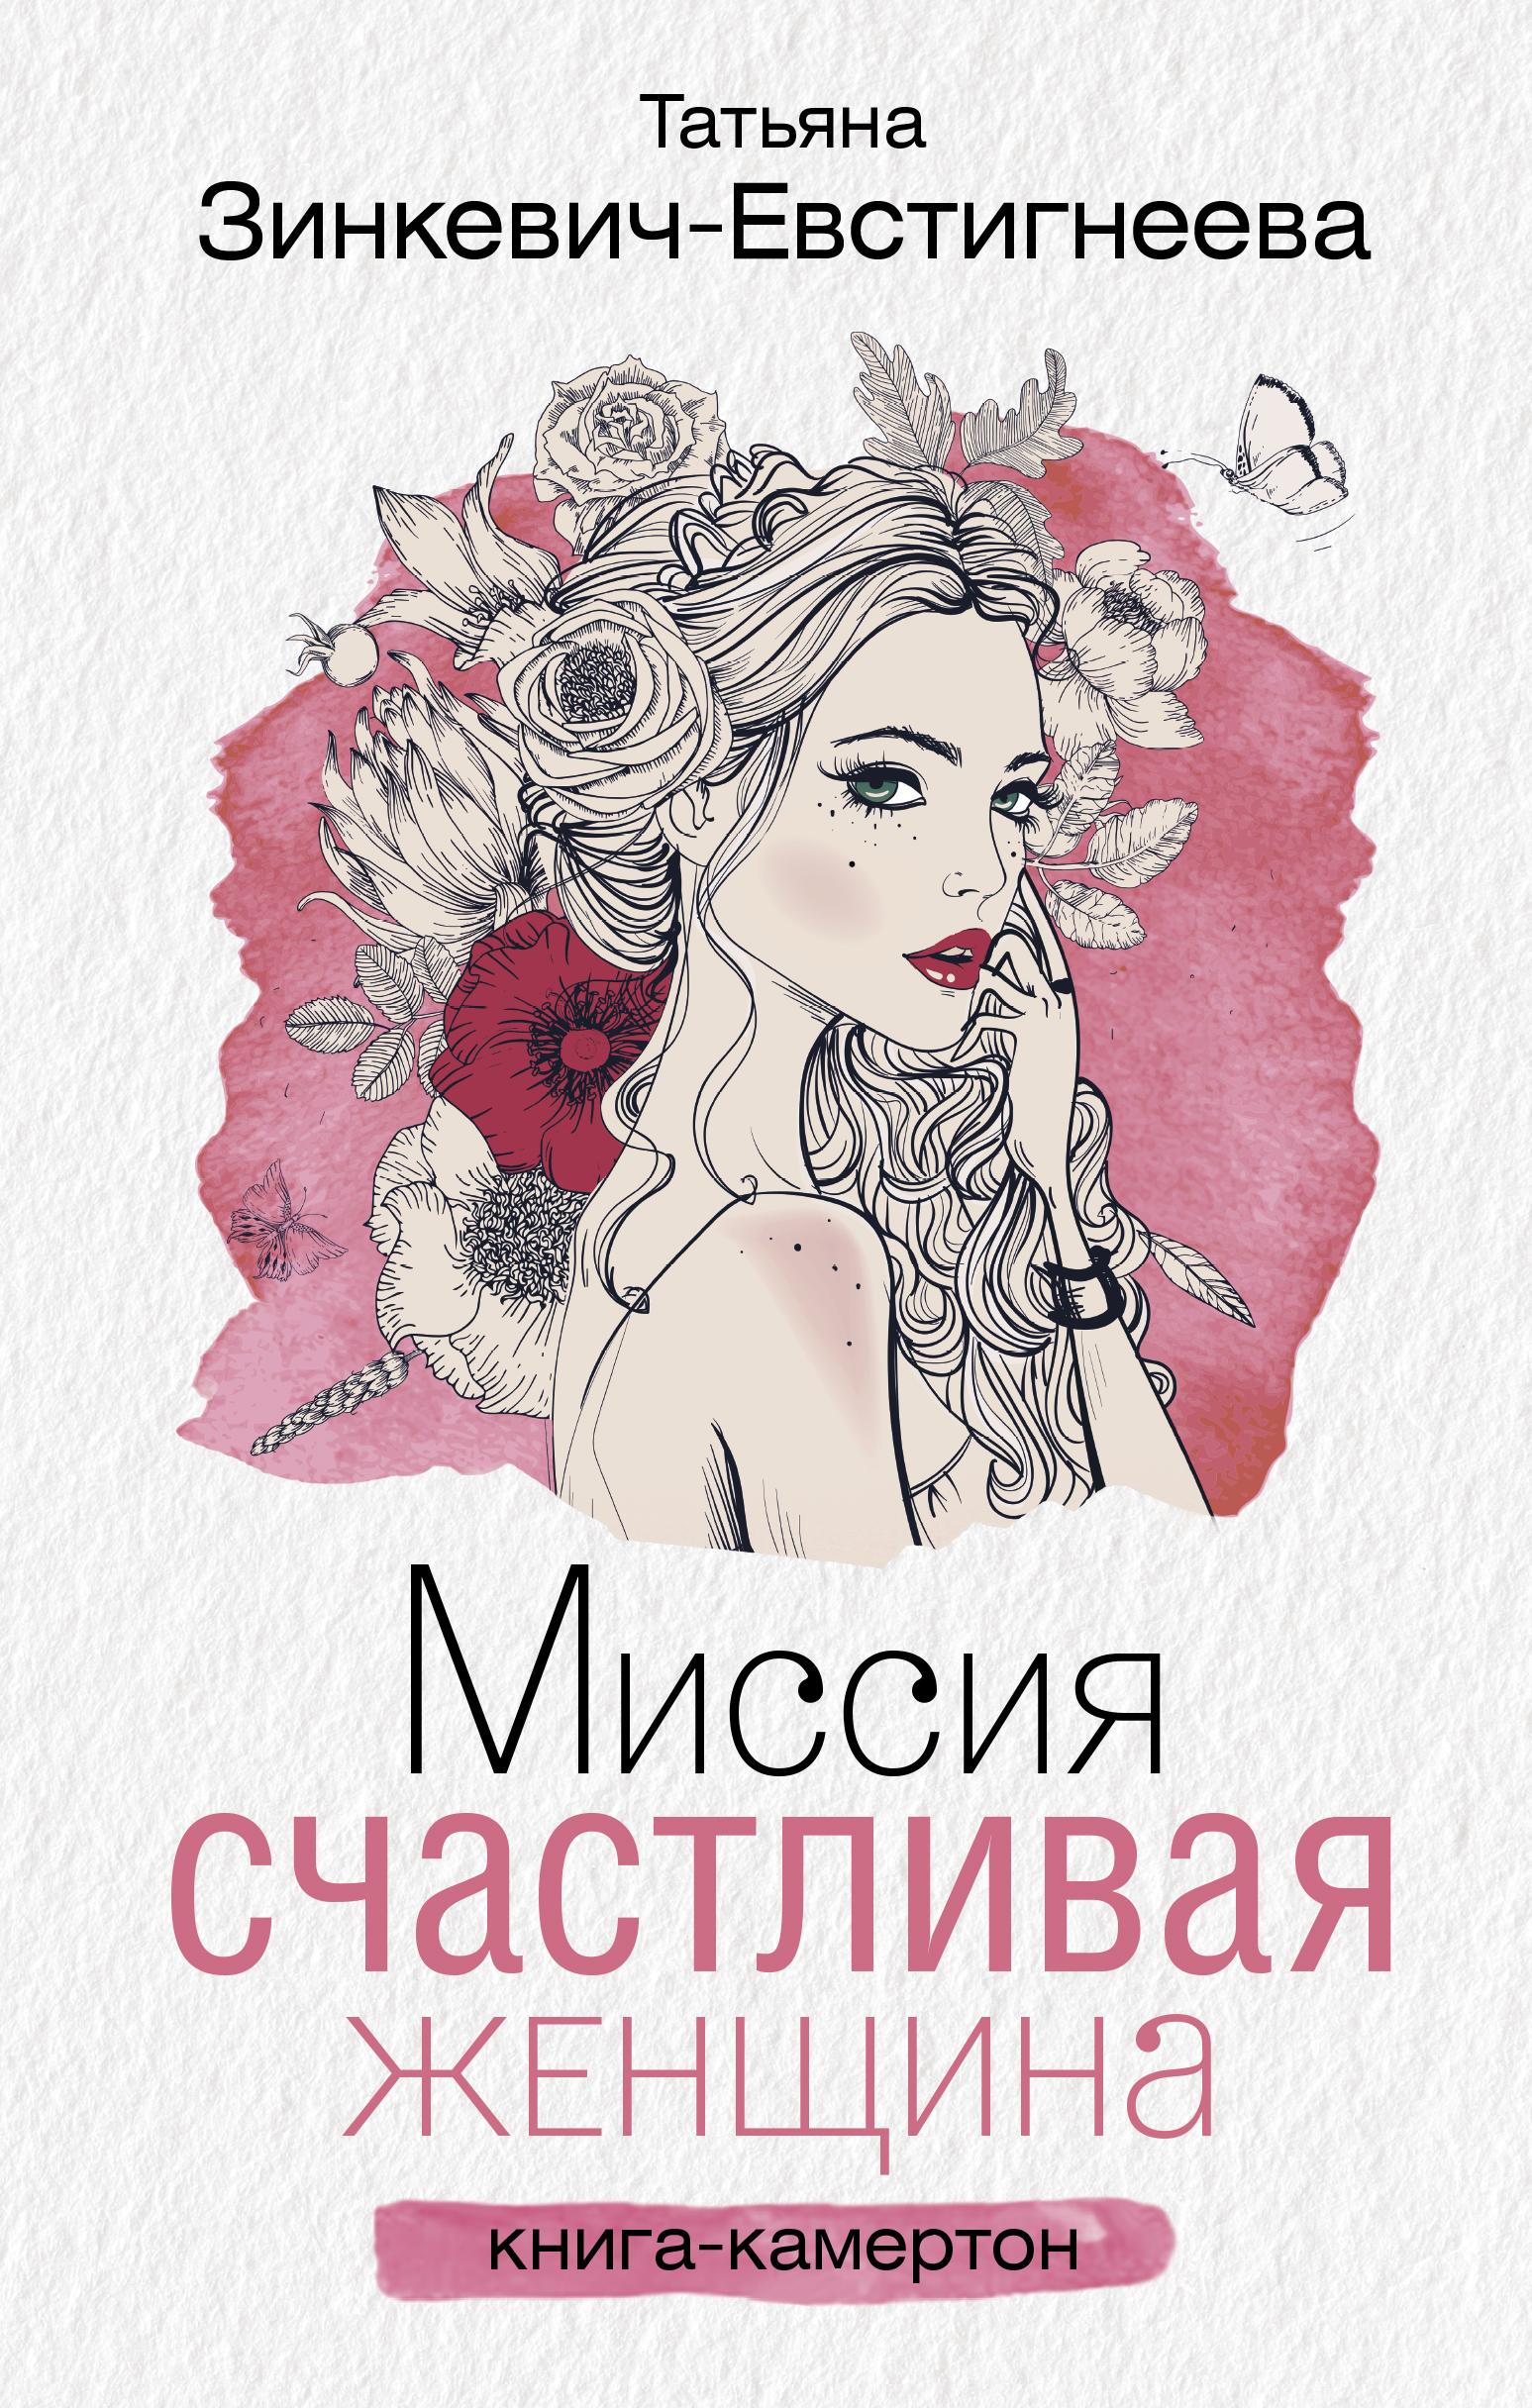 Зинкевич-Евстигнеева Татьяна Миссия. Счастливая женщина книга гормоны счастья купить